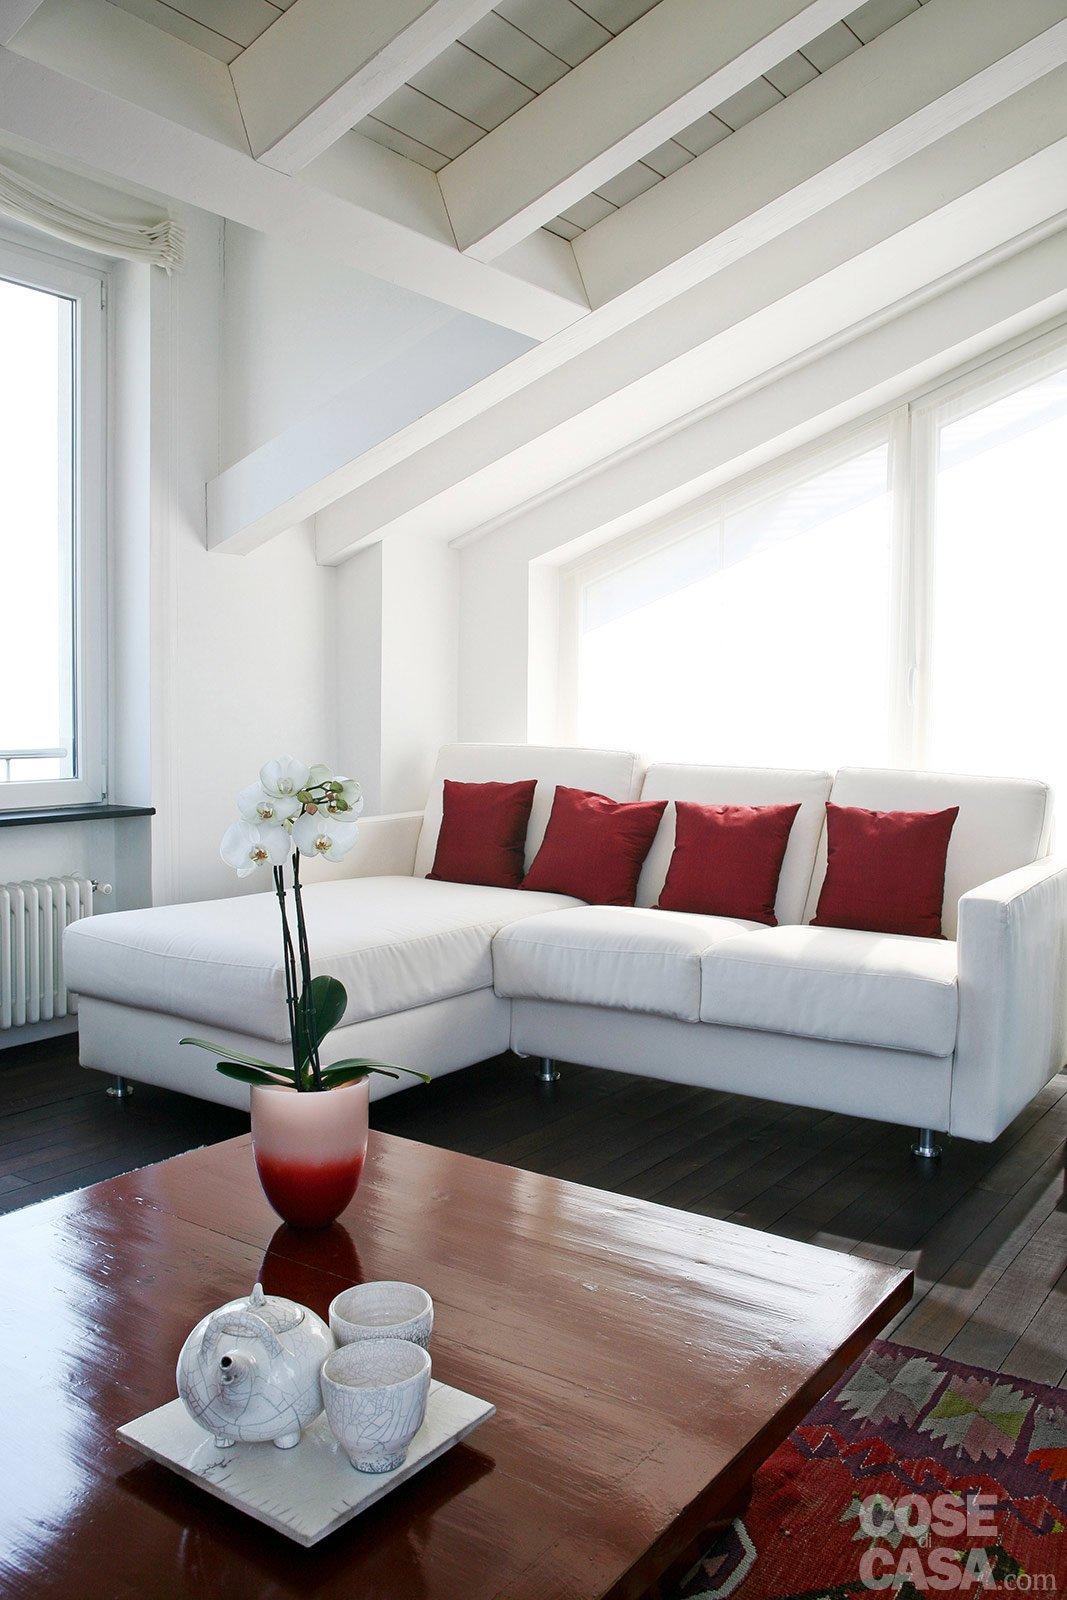 Volumi bianchi in mansarda per avere pi luce cose di casa for Mansarda in legno bianco